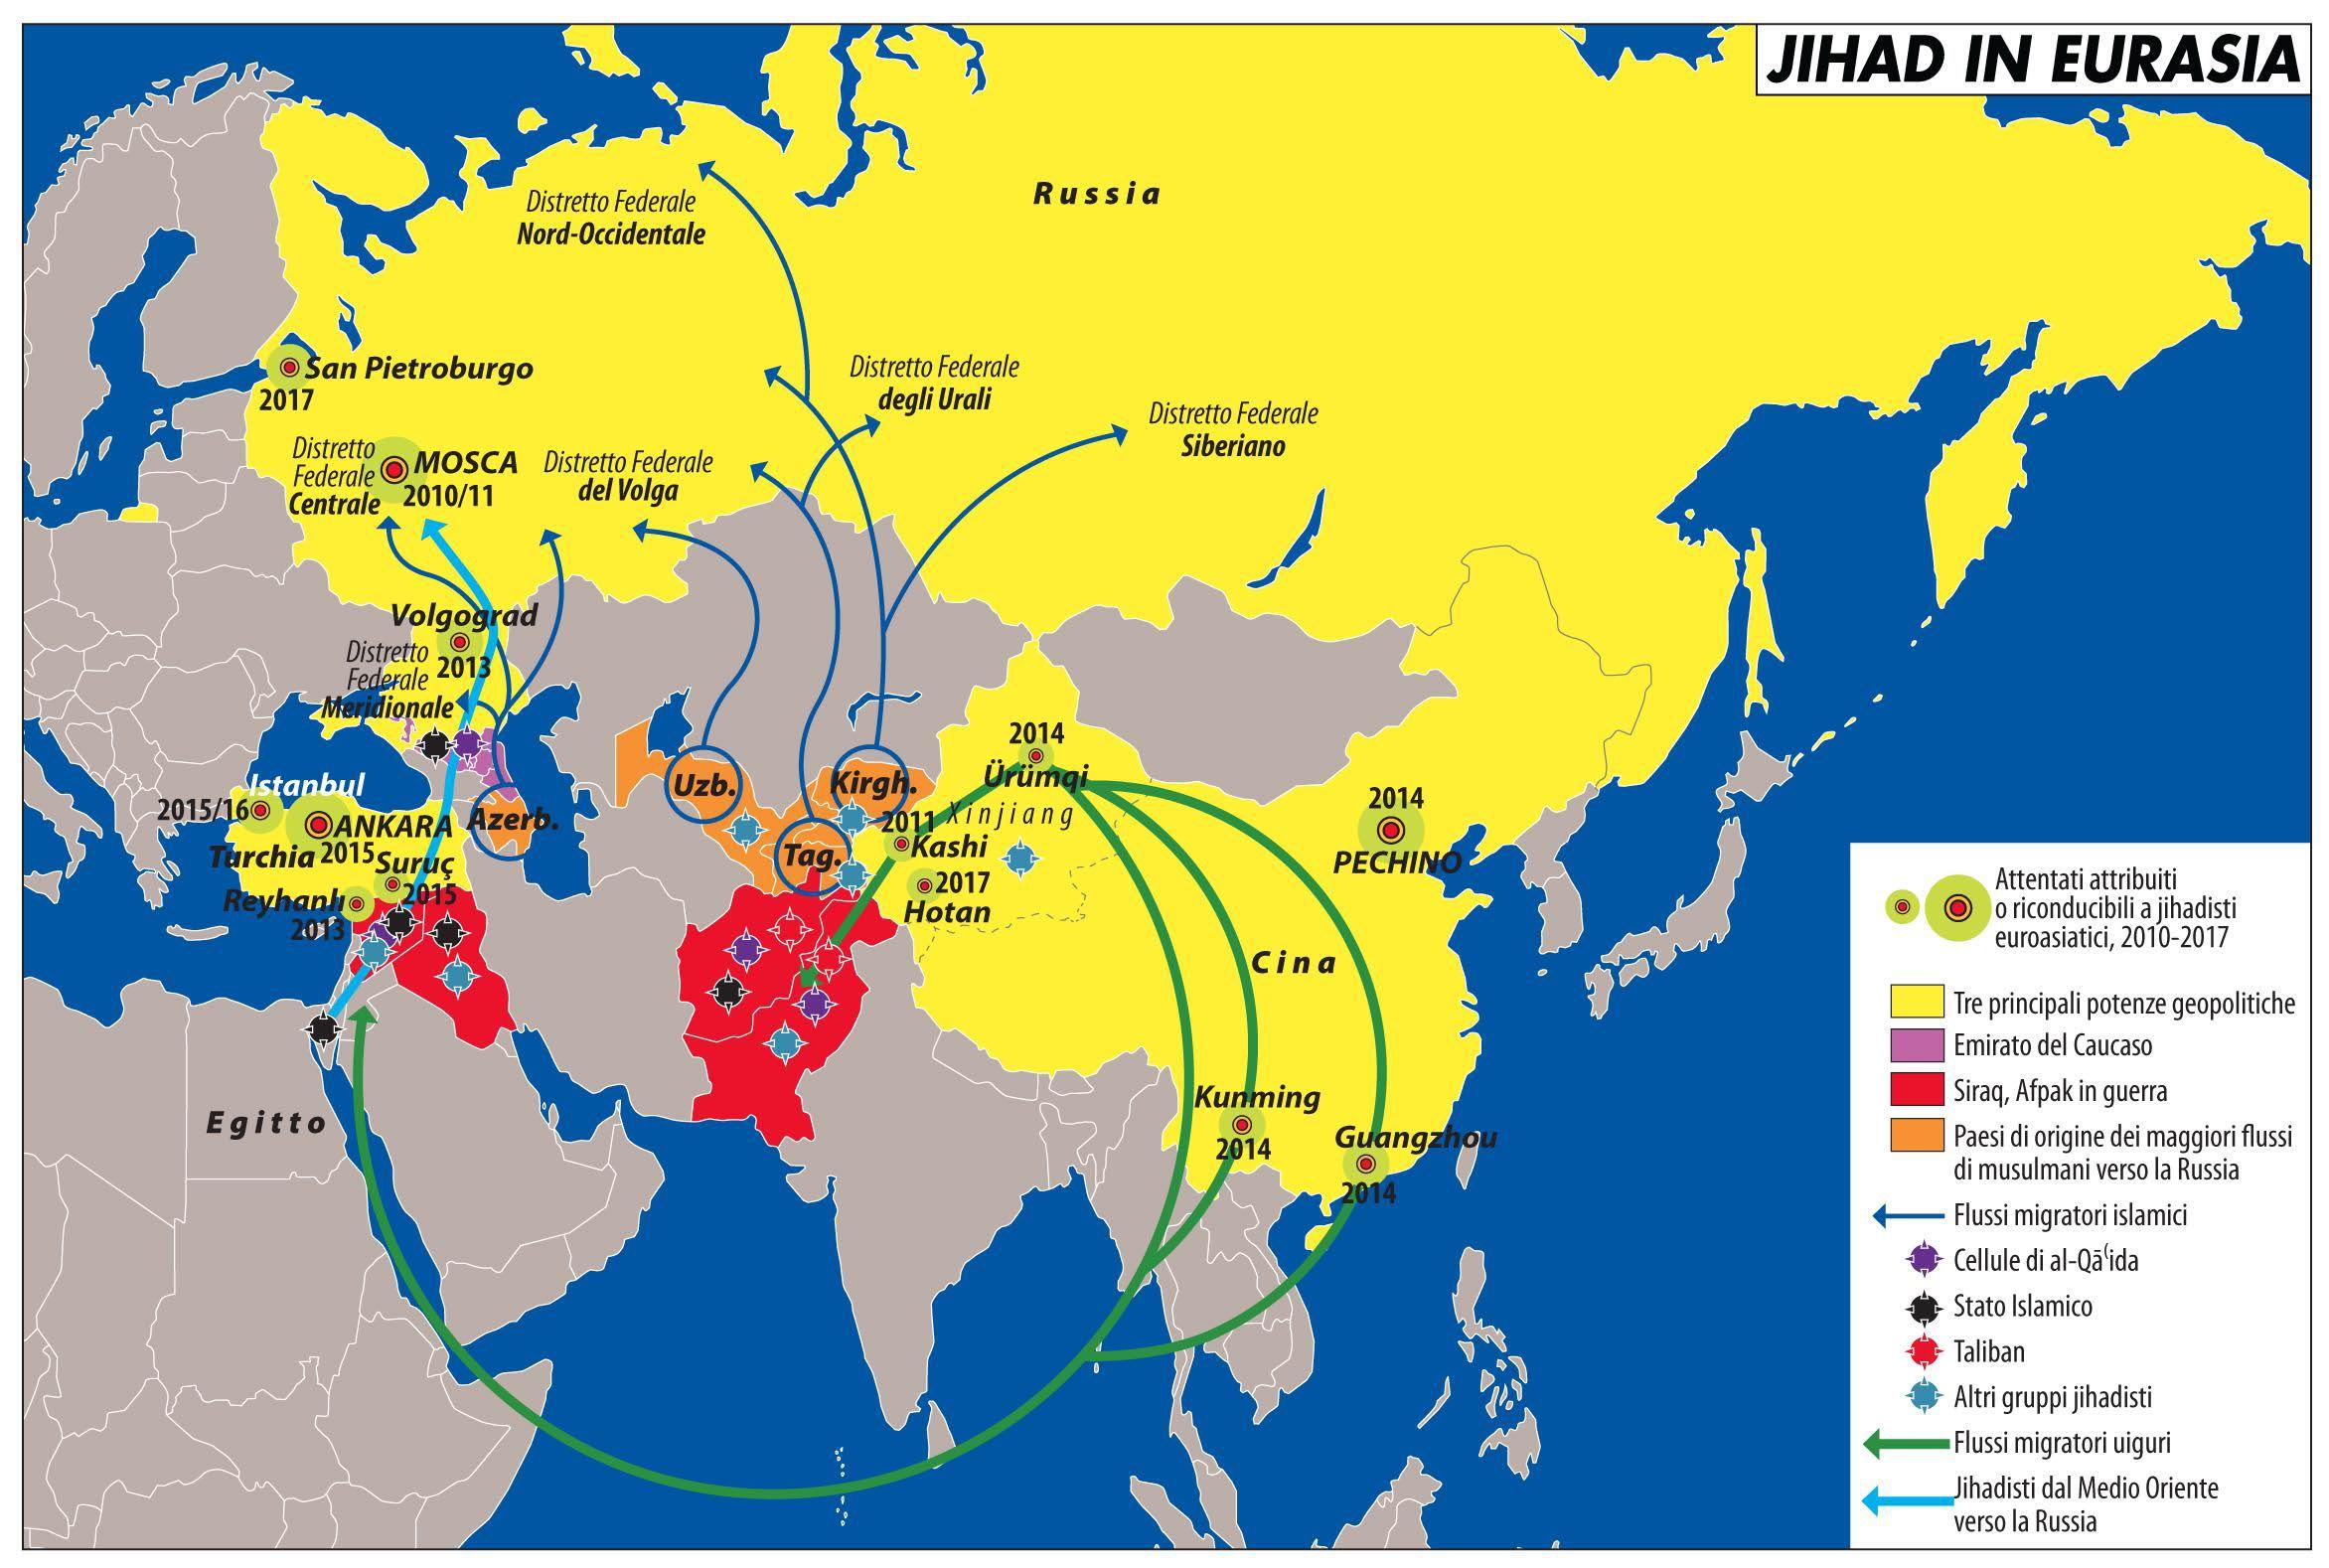 jihad_in_eurasia